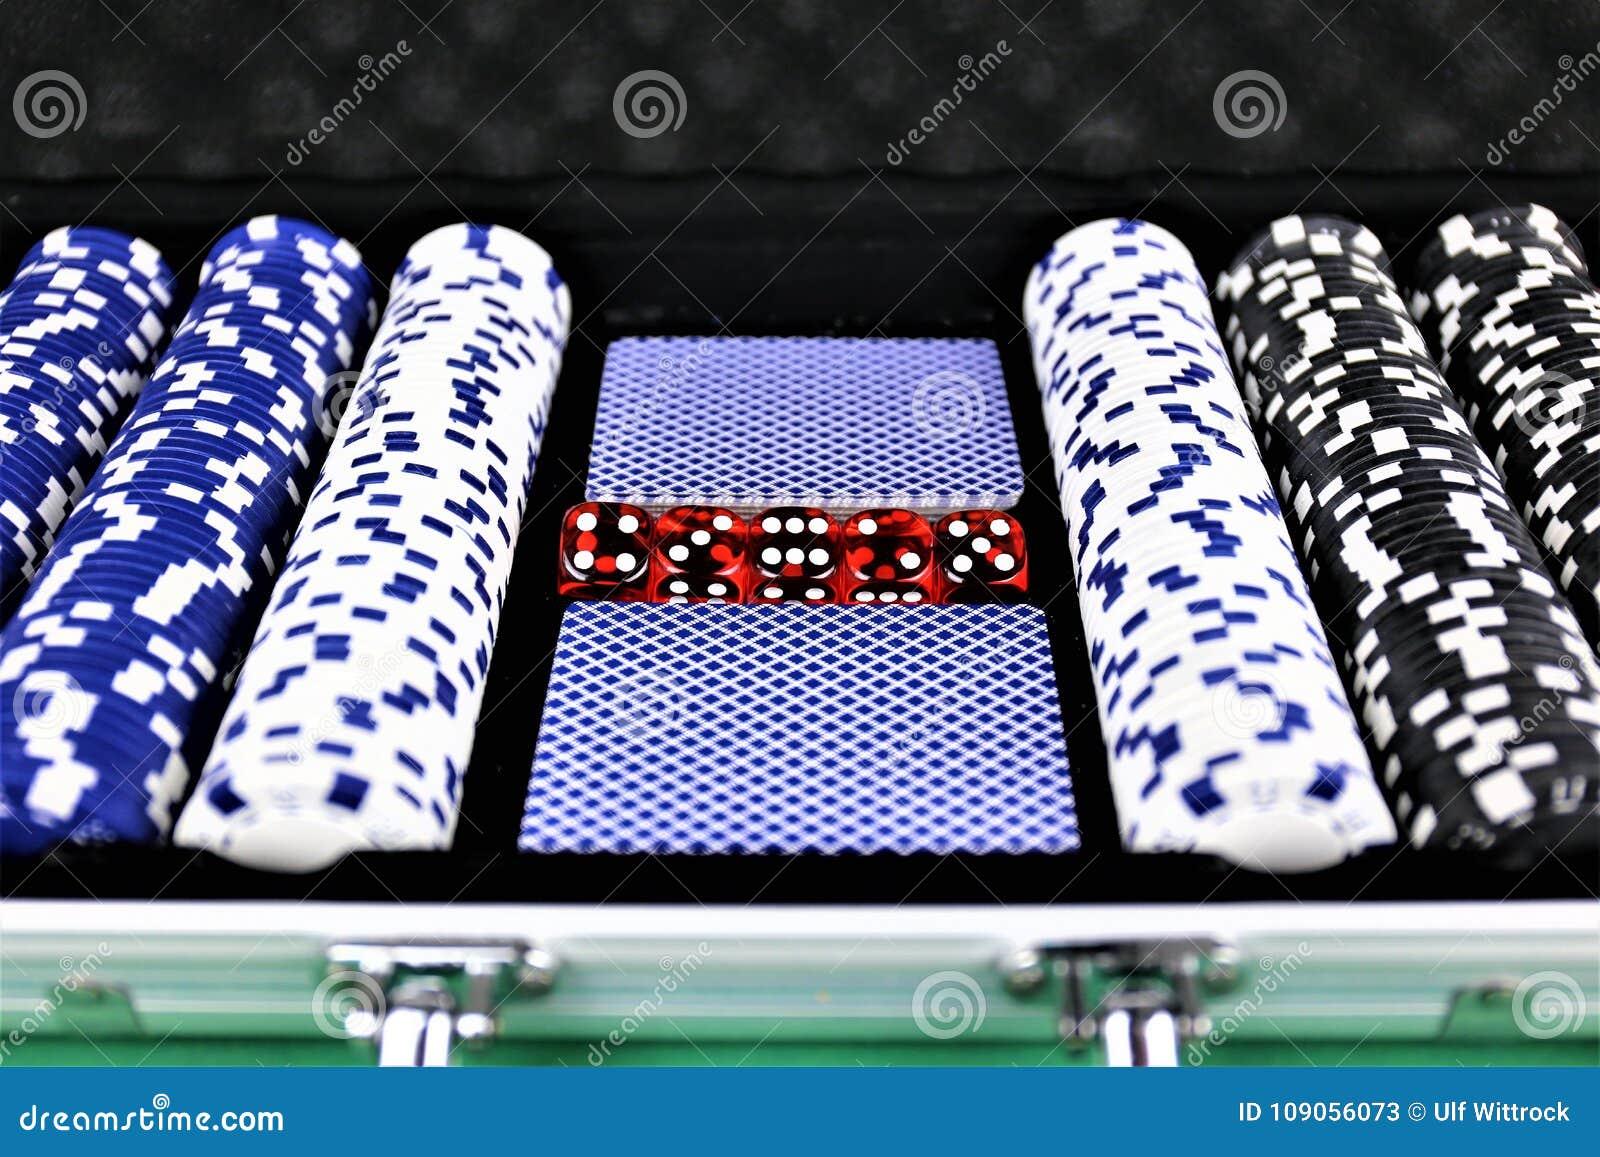 Una imagen del concepto de algunas fichas de póker en un casino